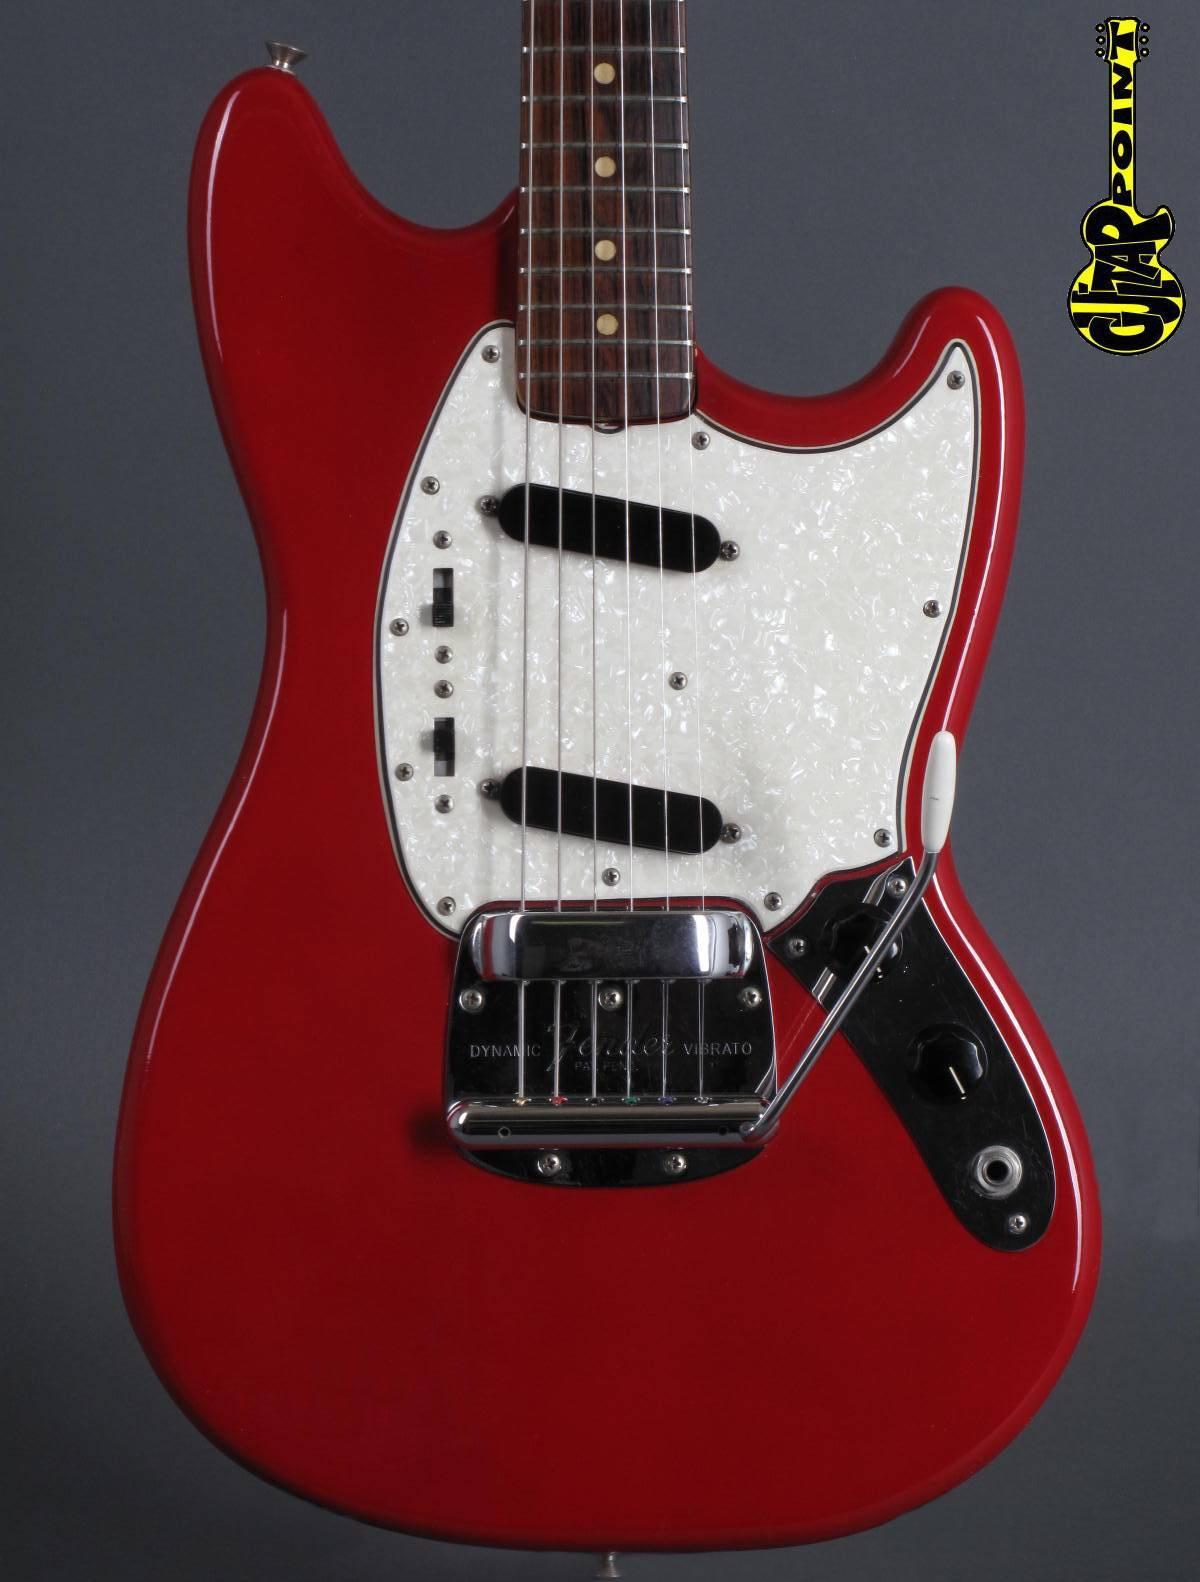 1964 Fender Mustang - Dakota Red  - Minty !!!